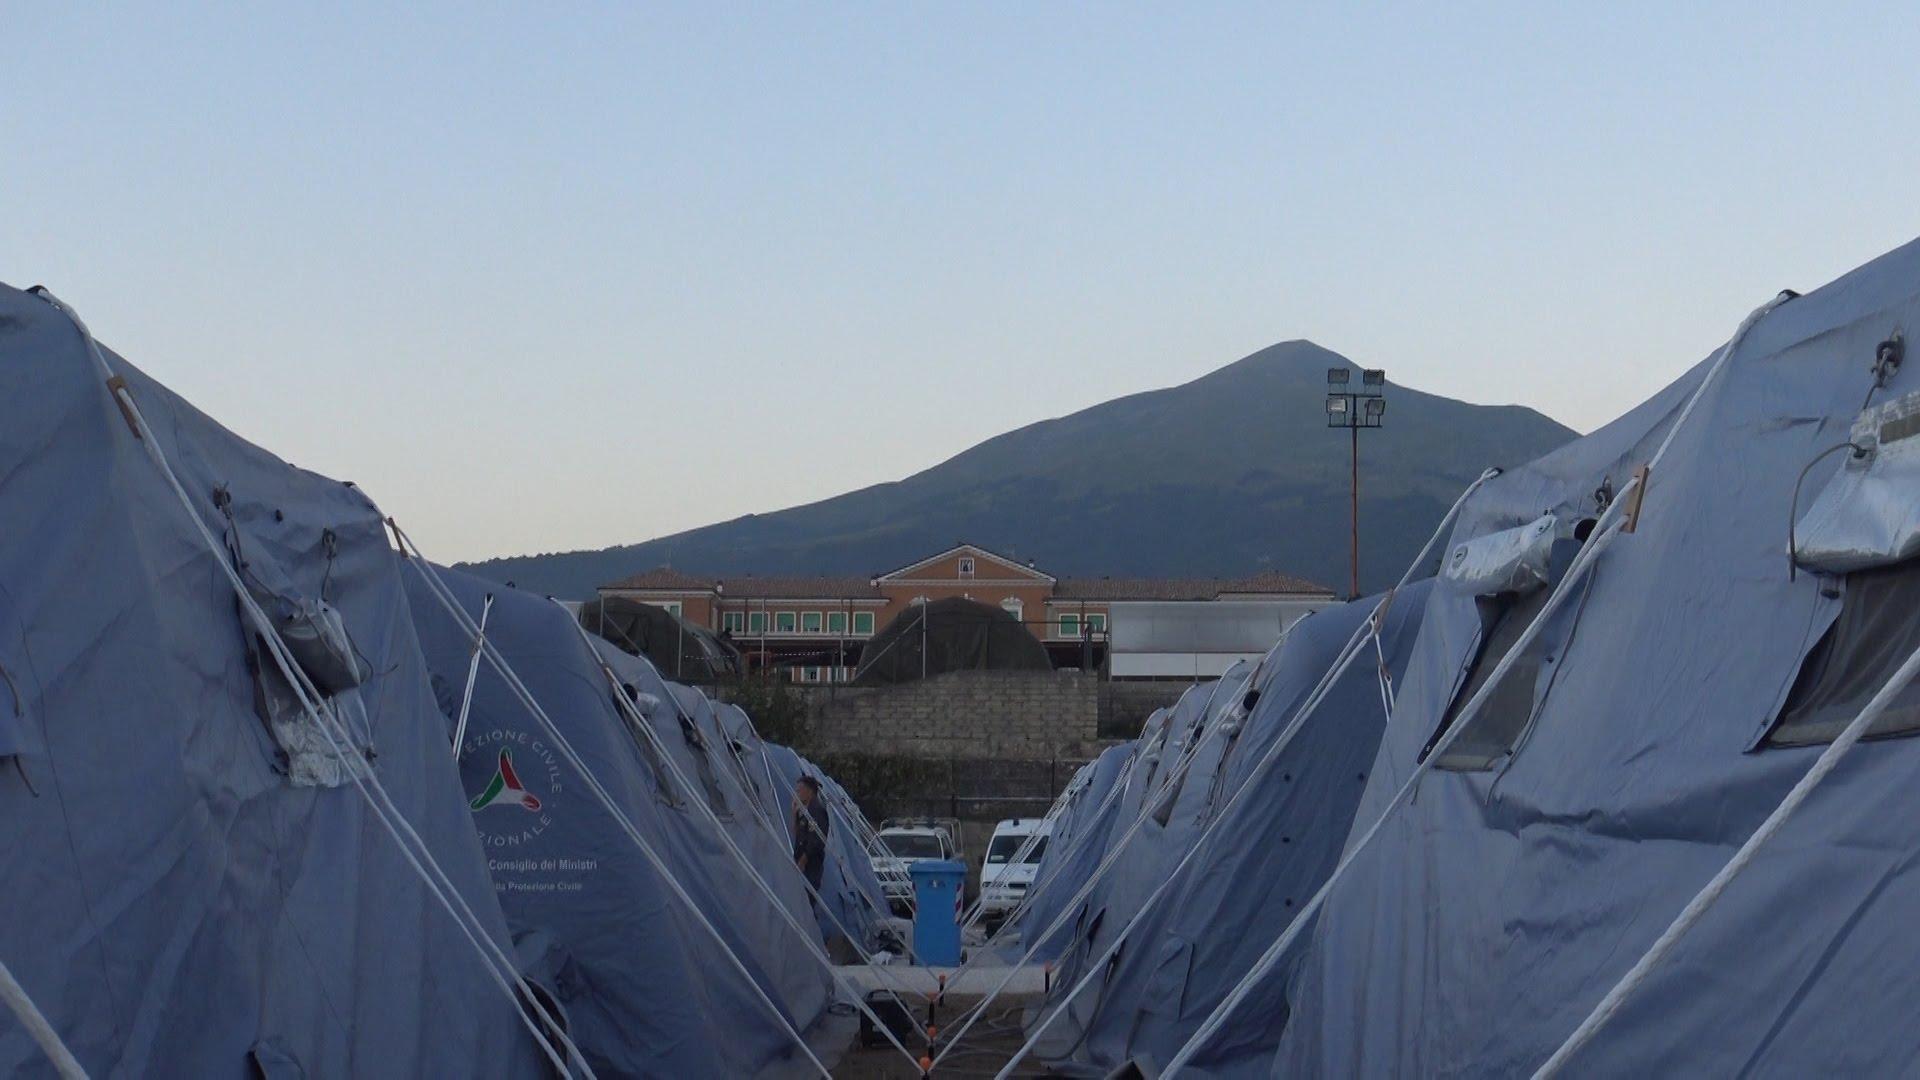 Terremoto: proroga al 30/9 termini presentazione domanda alberghi in abruzzo